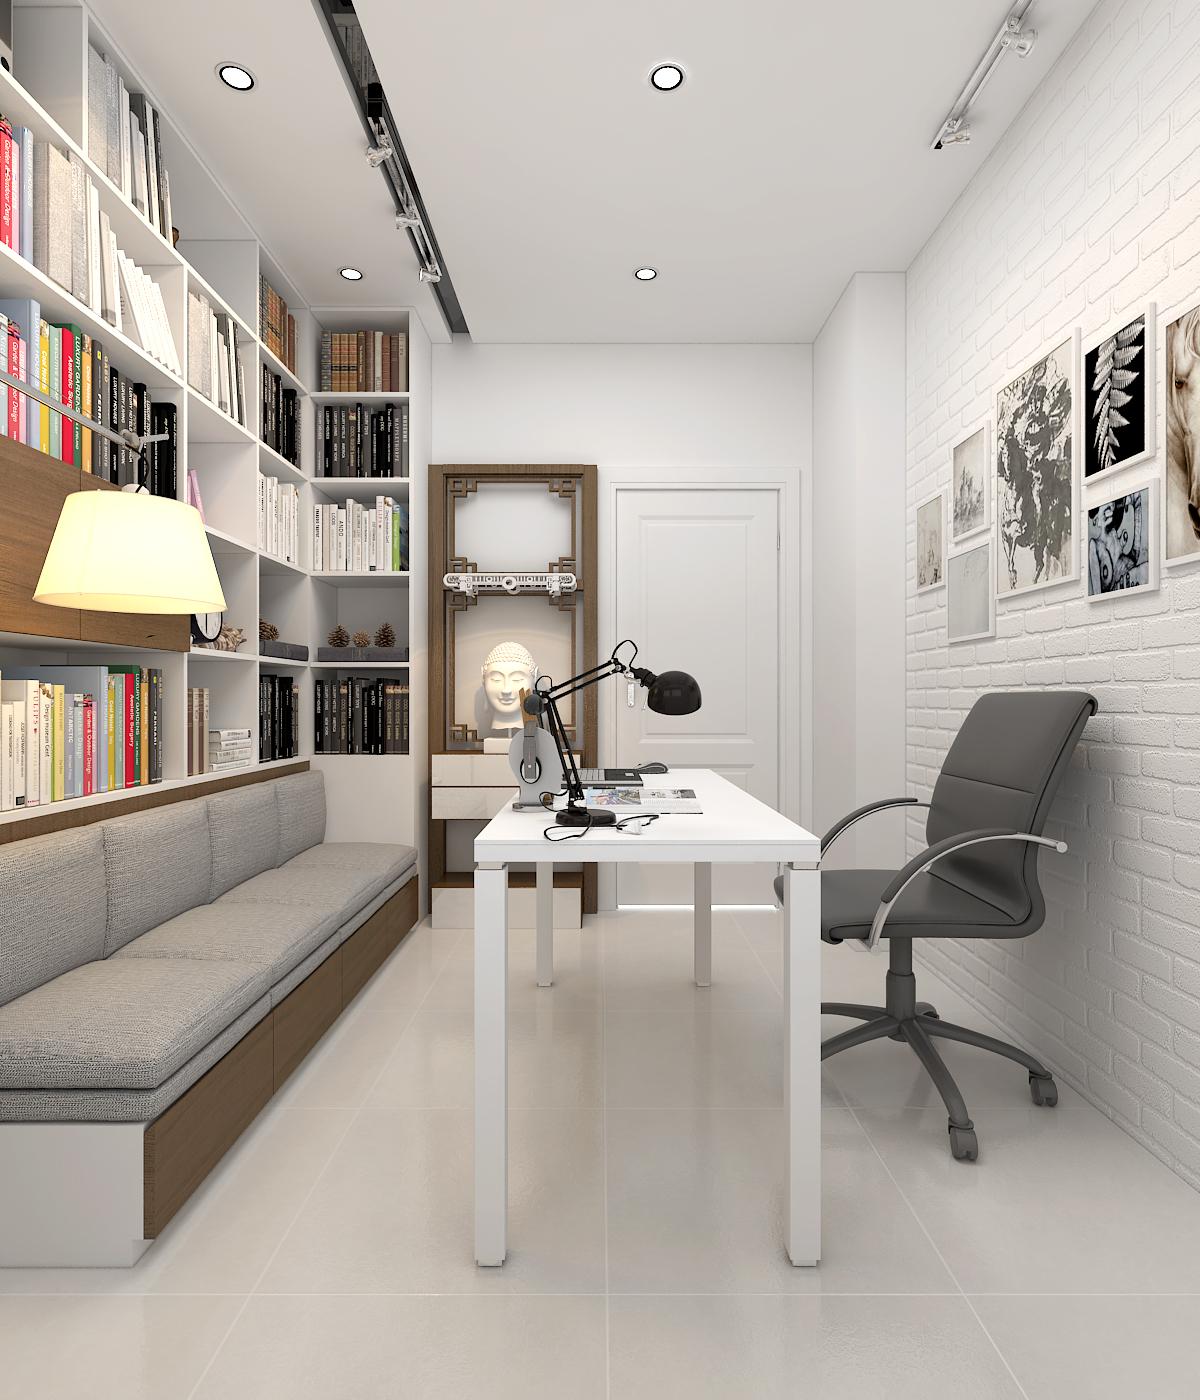 Thiết kế căn hộ lãng mạn cho nàng độc thân